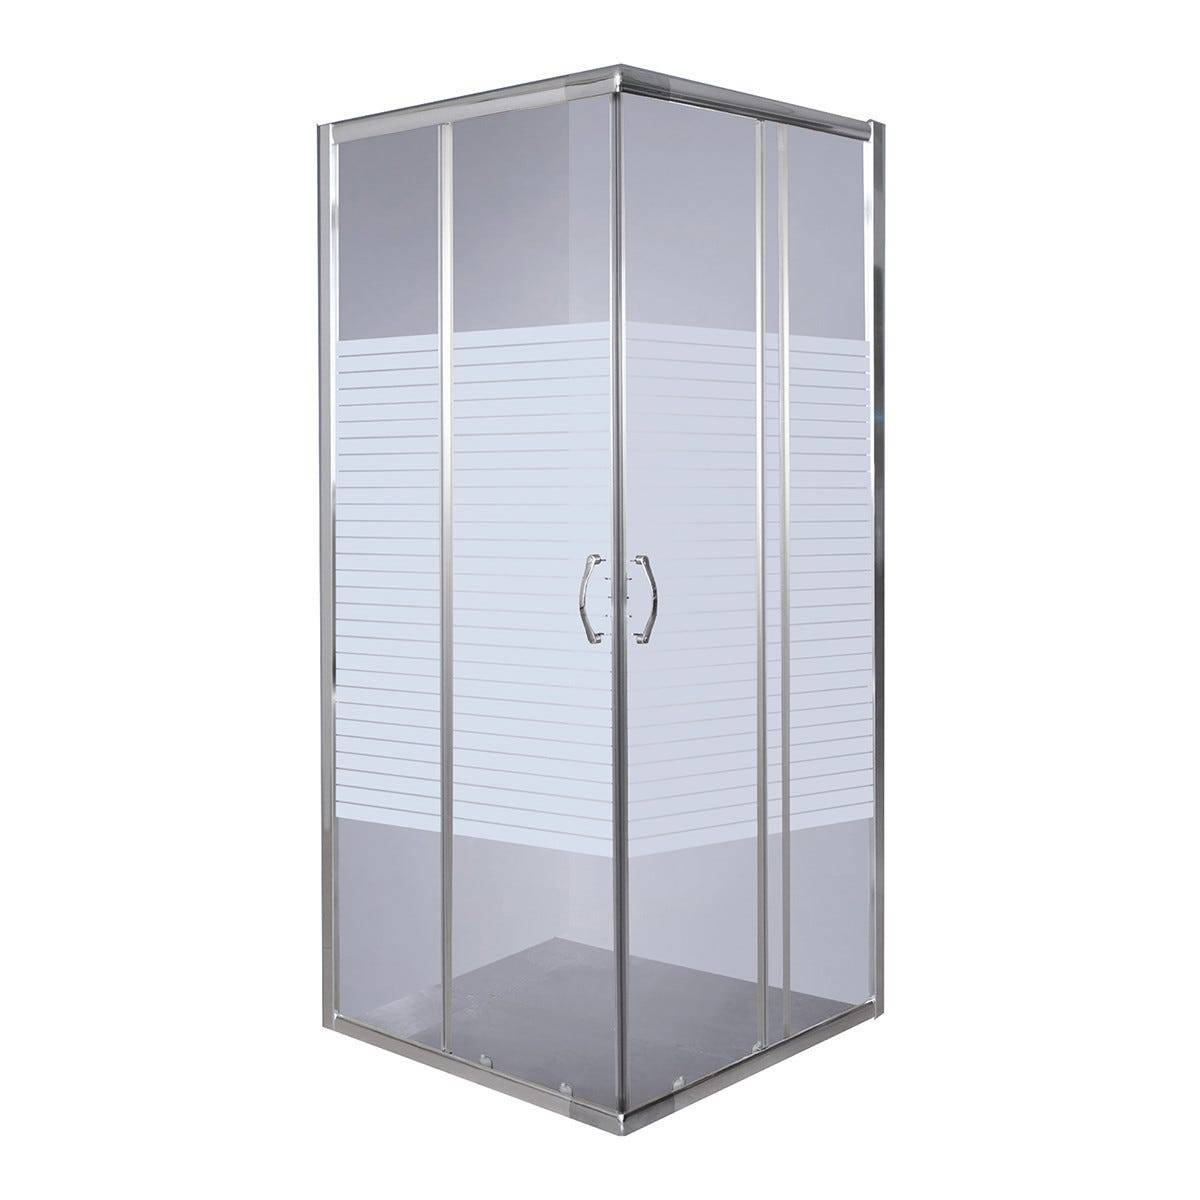 box doccia quattro rettangolare (68-78) x(88-98) h190cm vetro temperato serigrafato 4mm